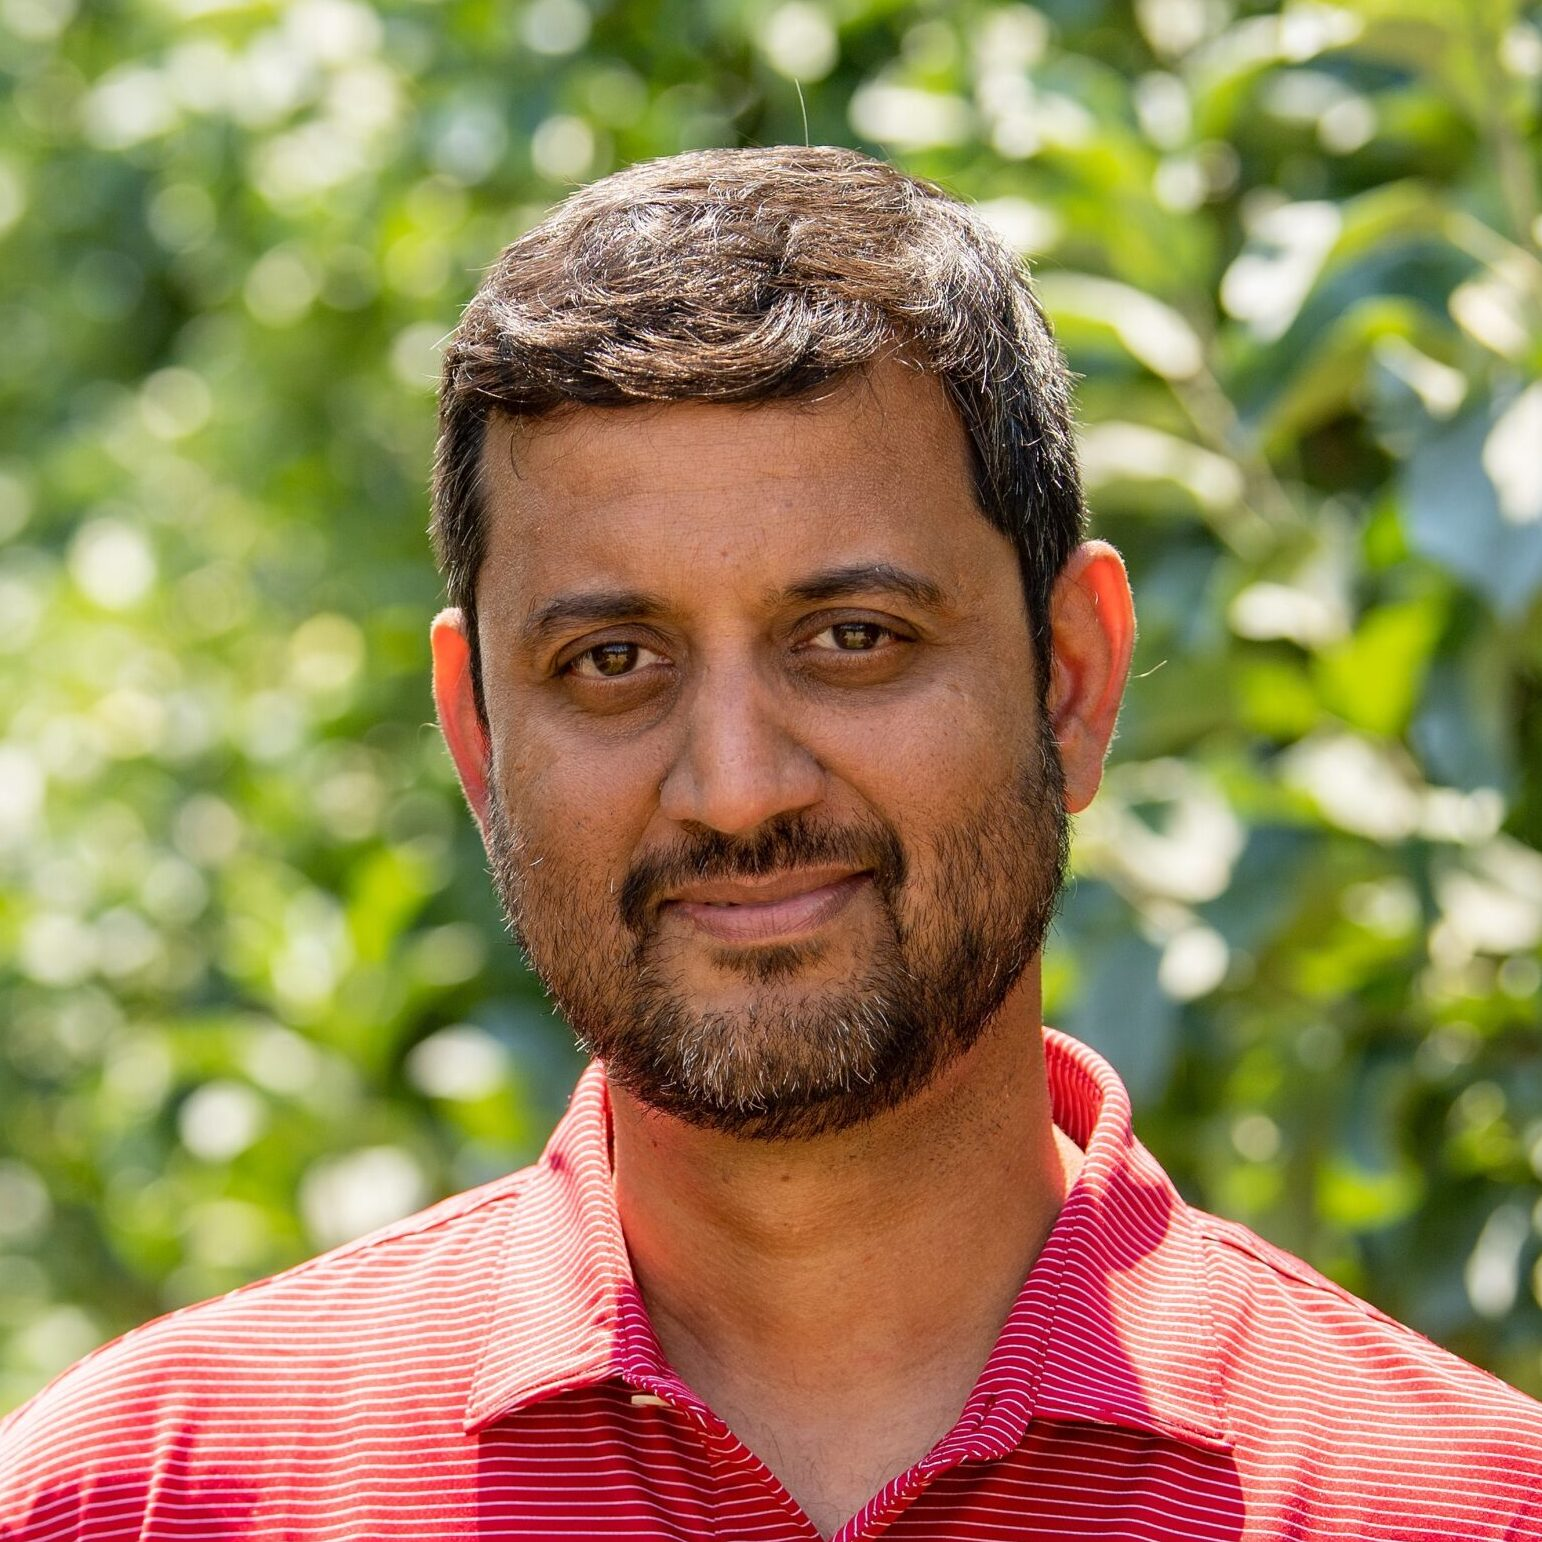 Ananth Kalyanaraman